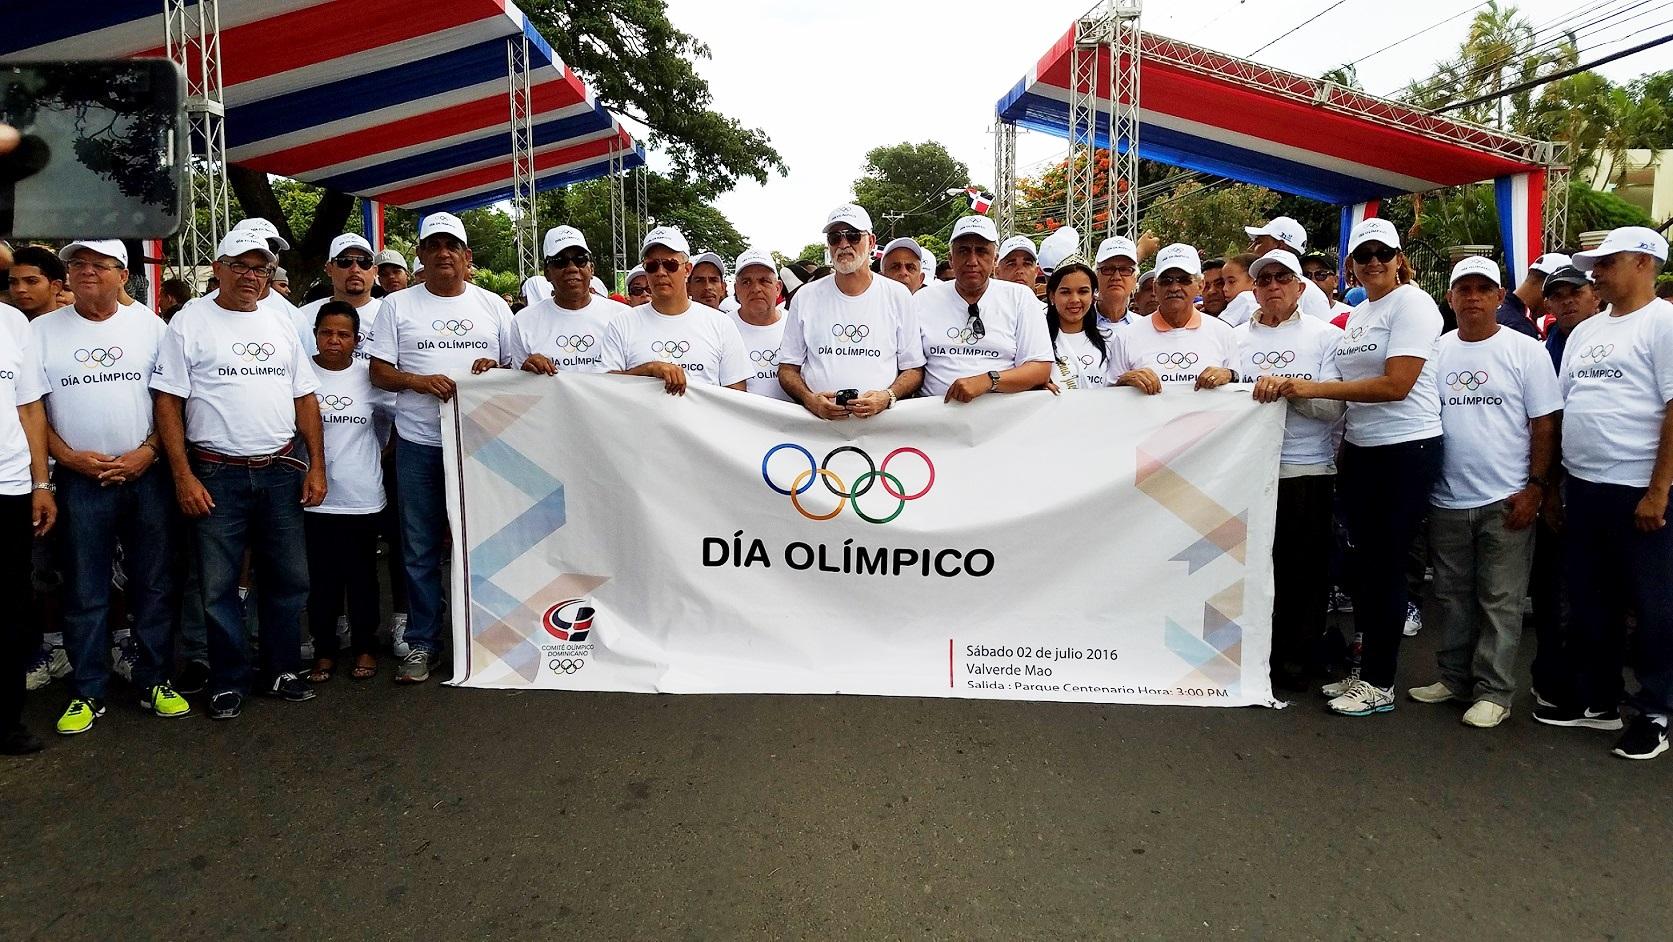 San Cristóbal recibe este sábado festejos del Día Olímpico